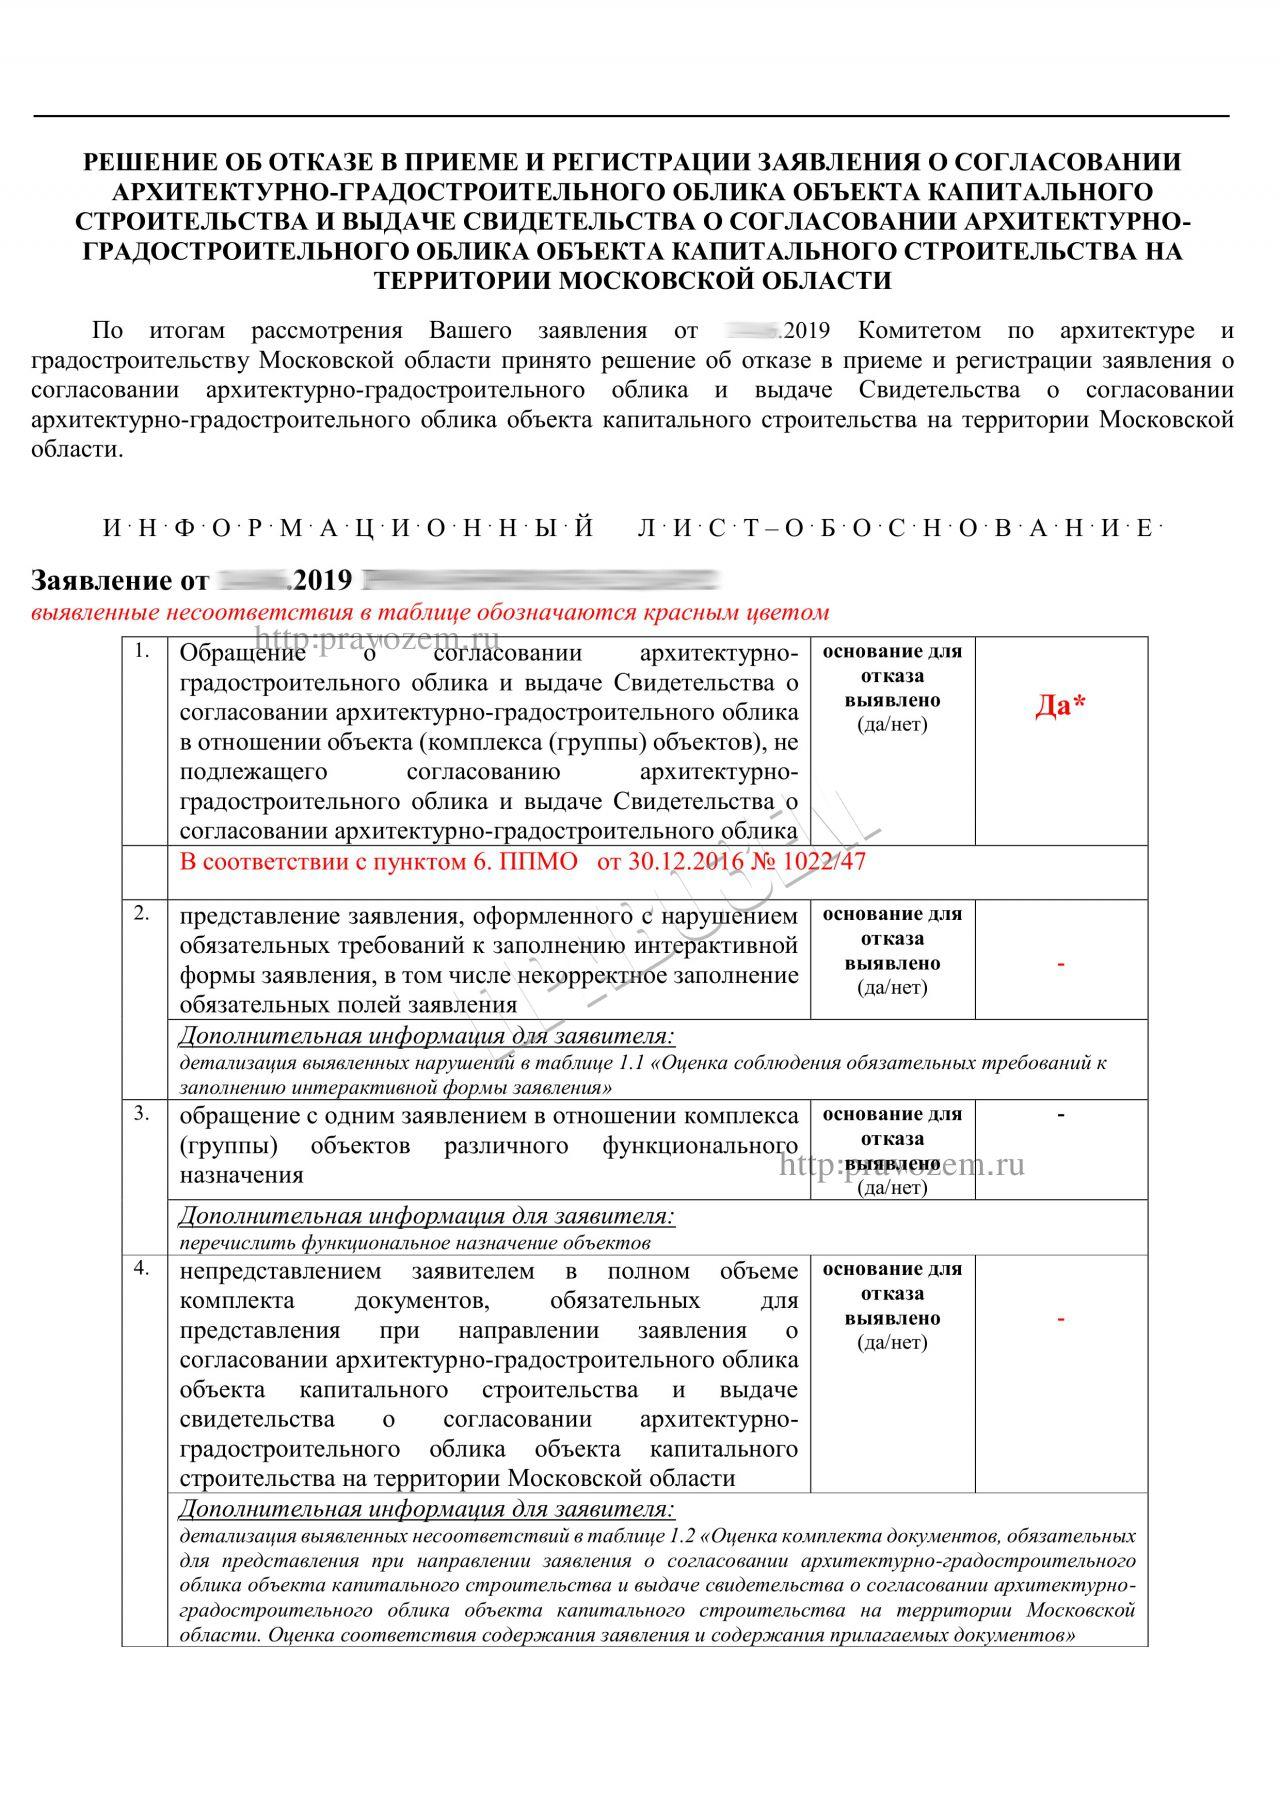 Получение разрешения на строительство после согласования АГО магазина в Чехове